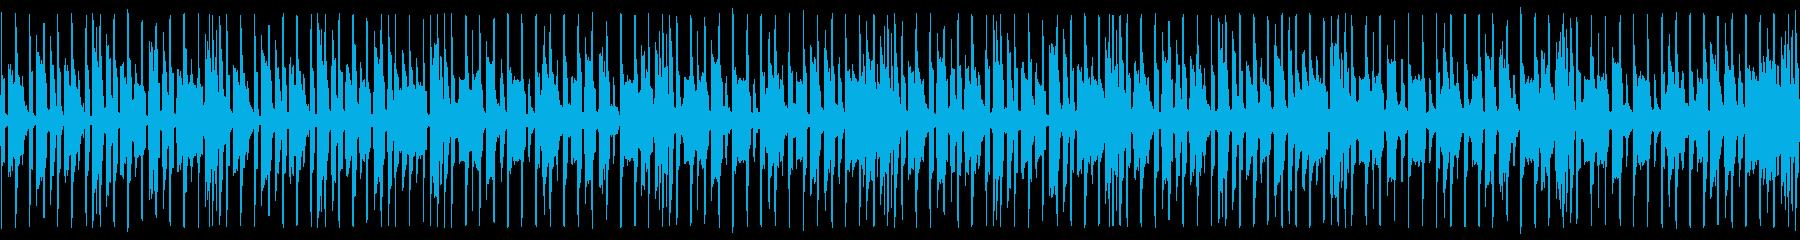 セール、お店の呼び込みBGMの再生済みの波形